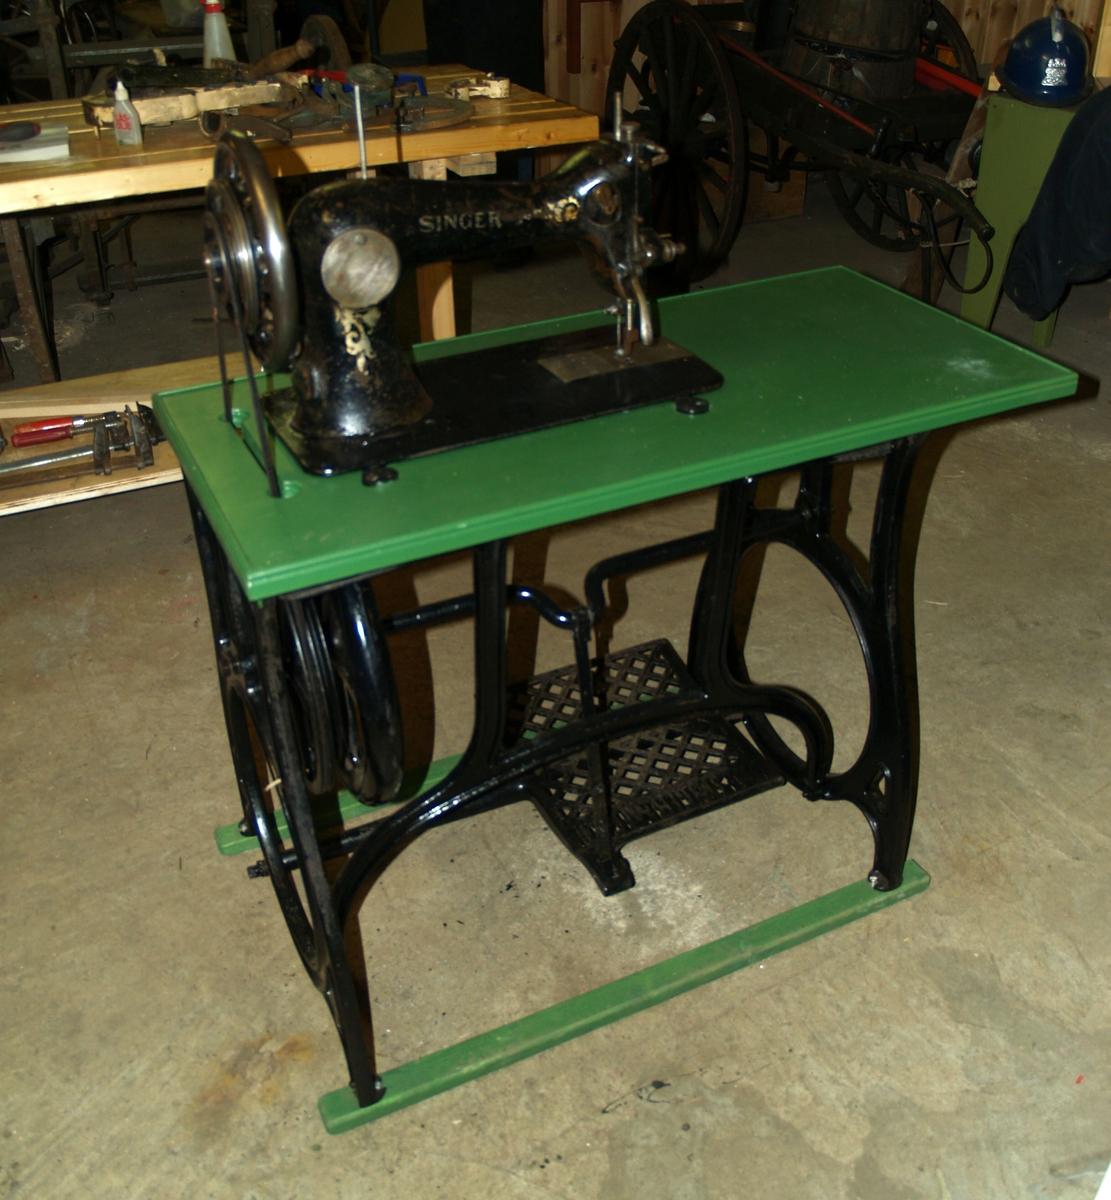 Symaskin med pedaldrift og montert i bord. Reimdrift fra hjul på understell til symaskinen. I Brannvesenet ble den bruk til sadelmakerarbeid og annet sømarbeid.